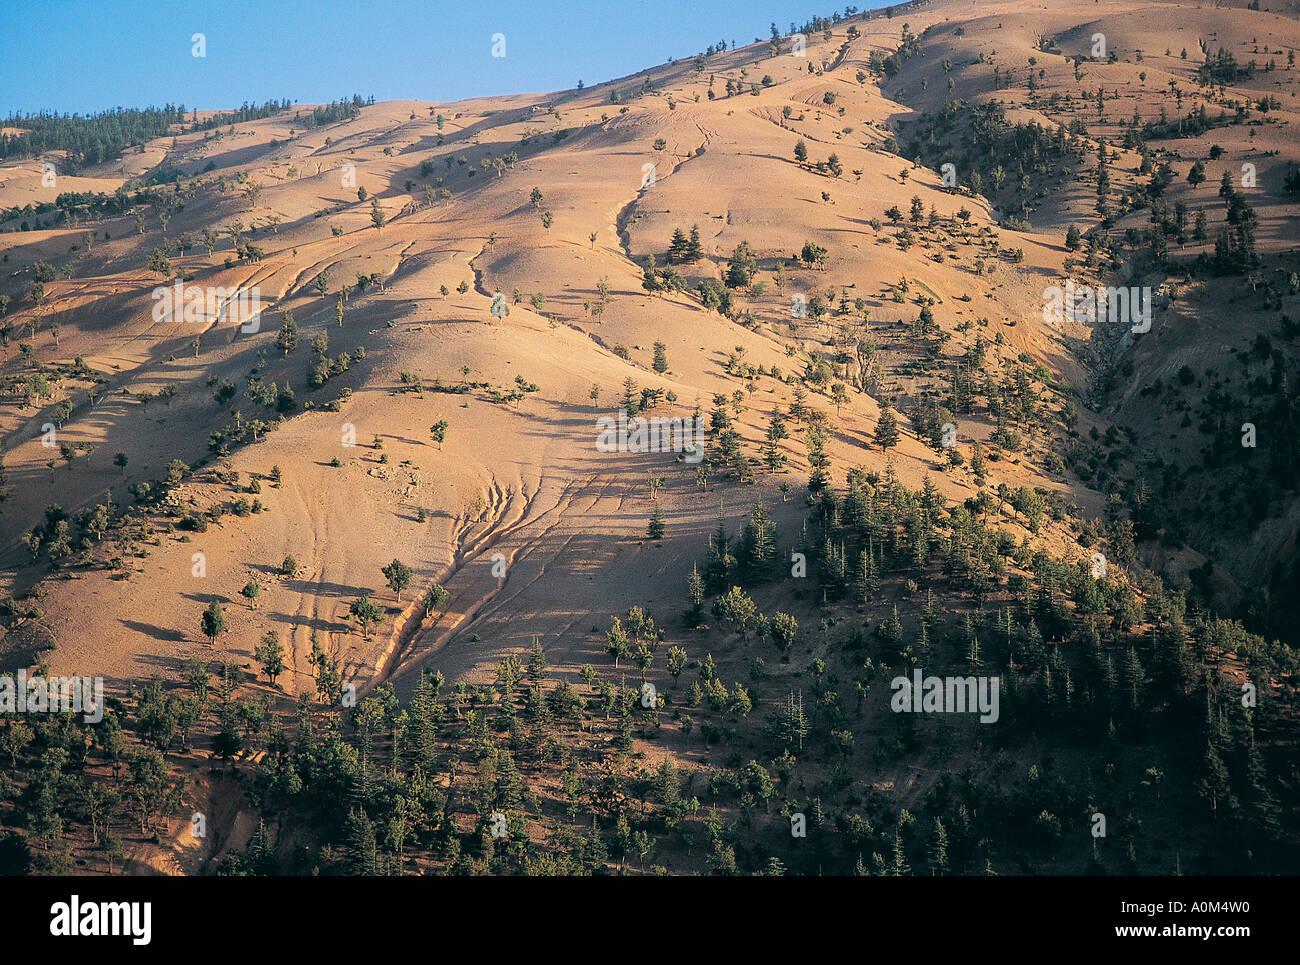 La deforestación y la erosión resultante de Adana, Turquía Imagen De Stock